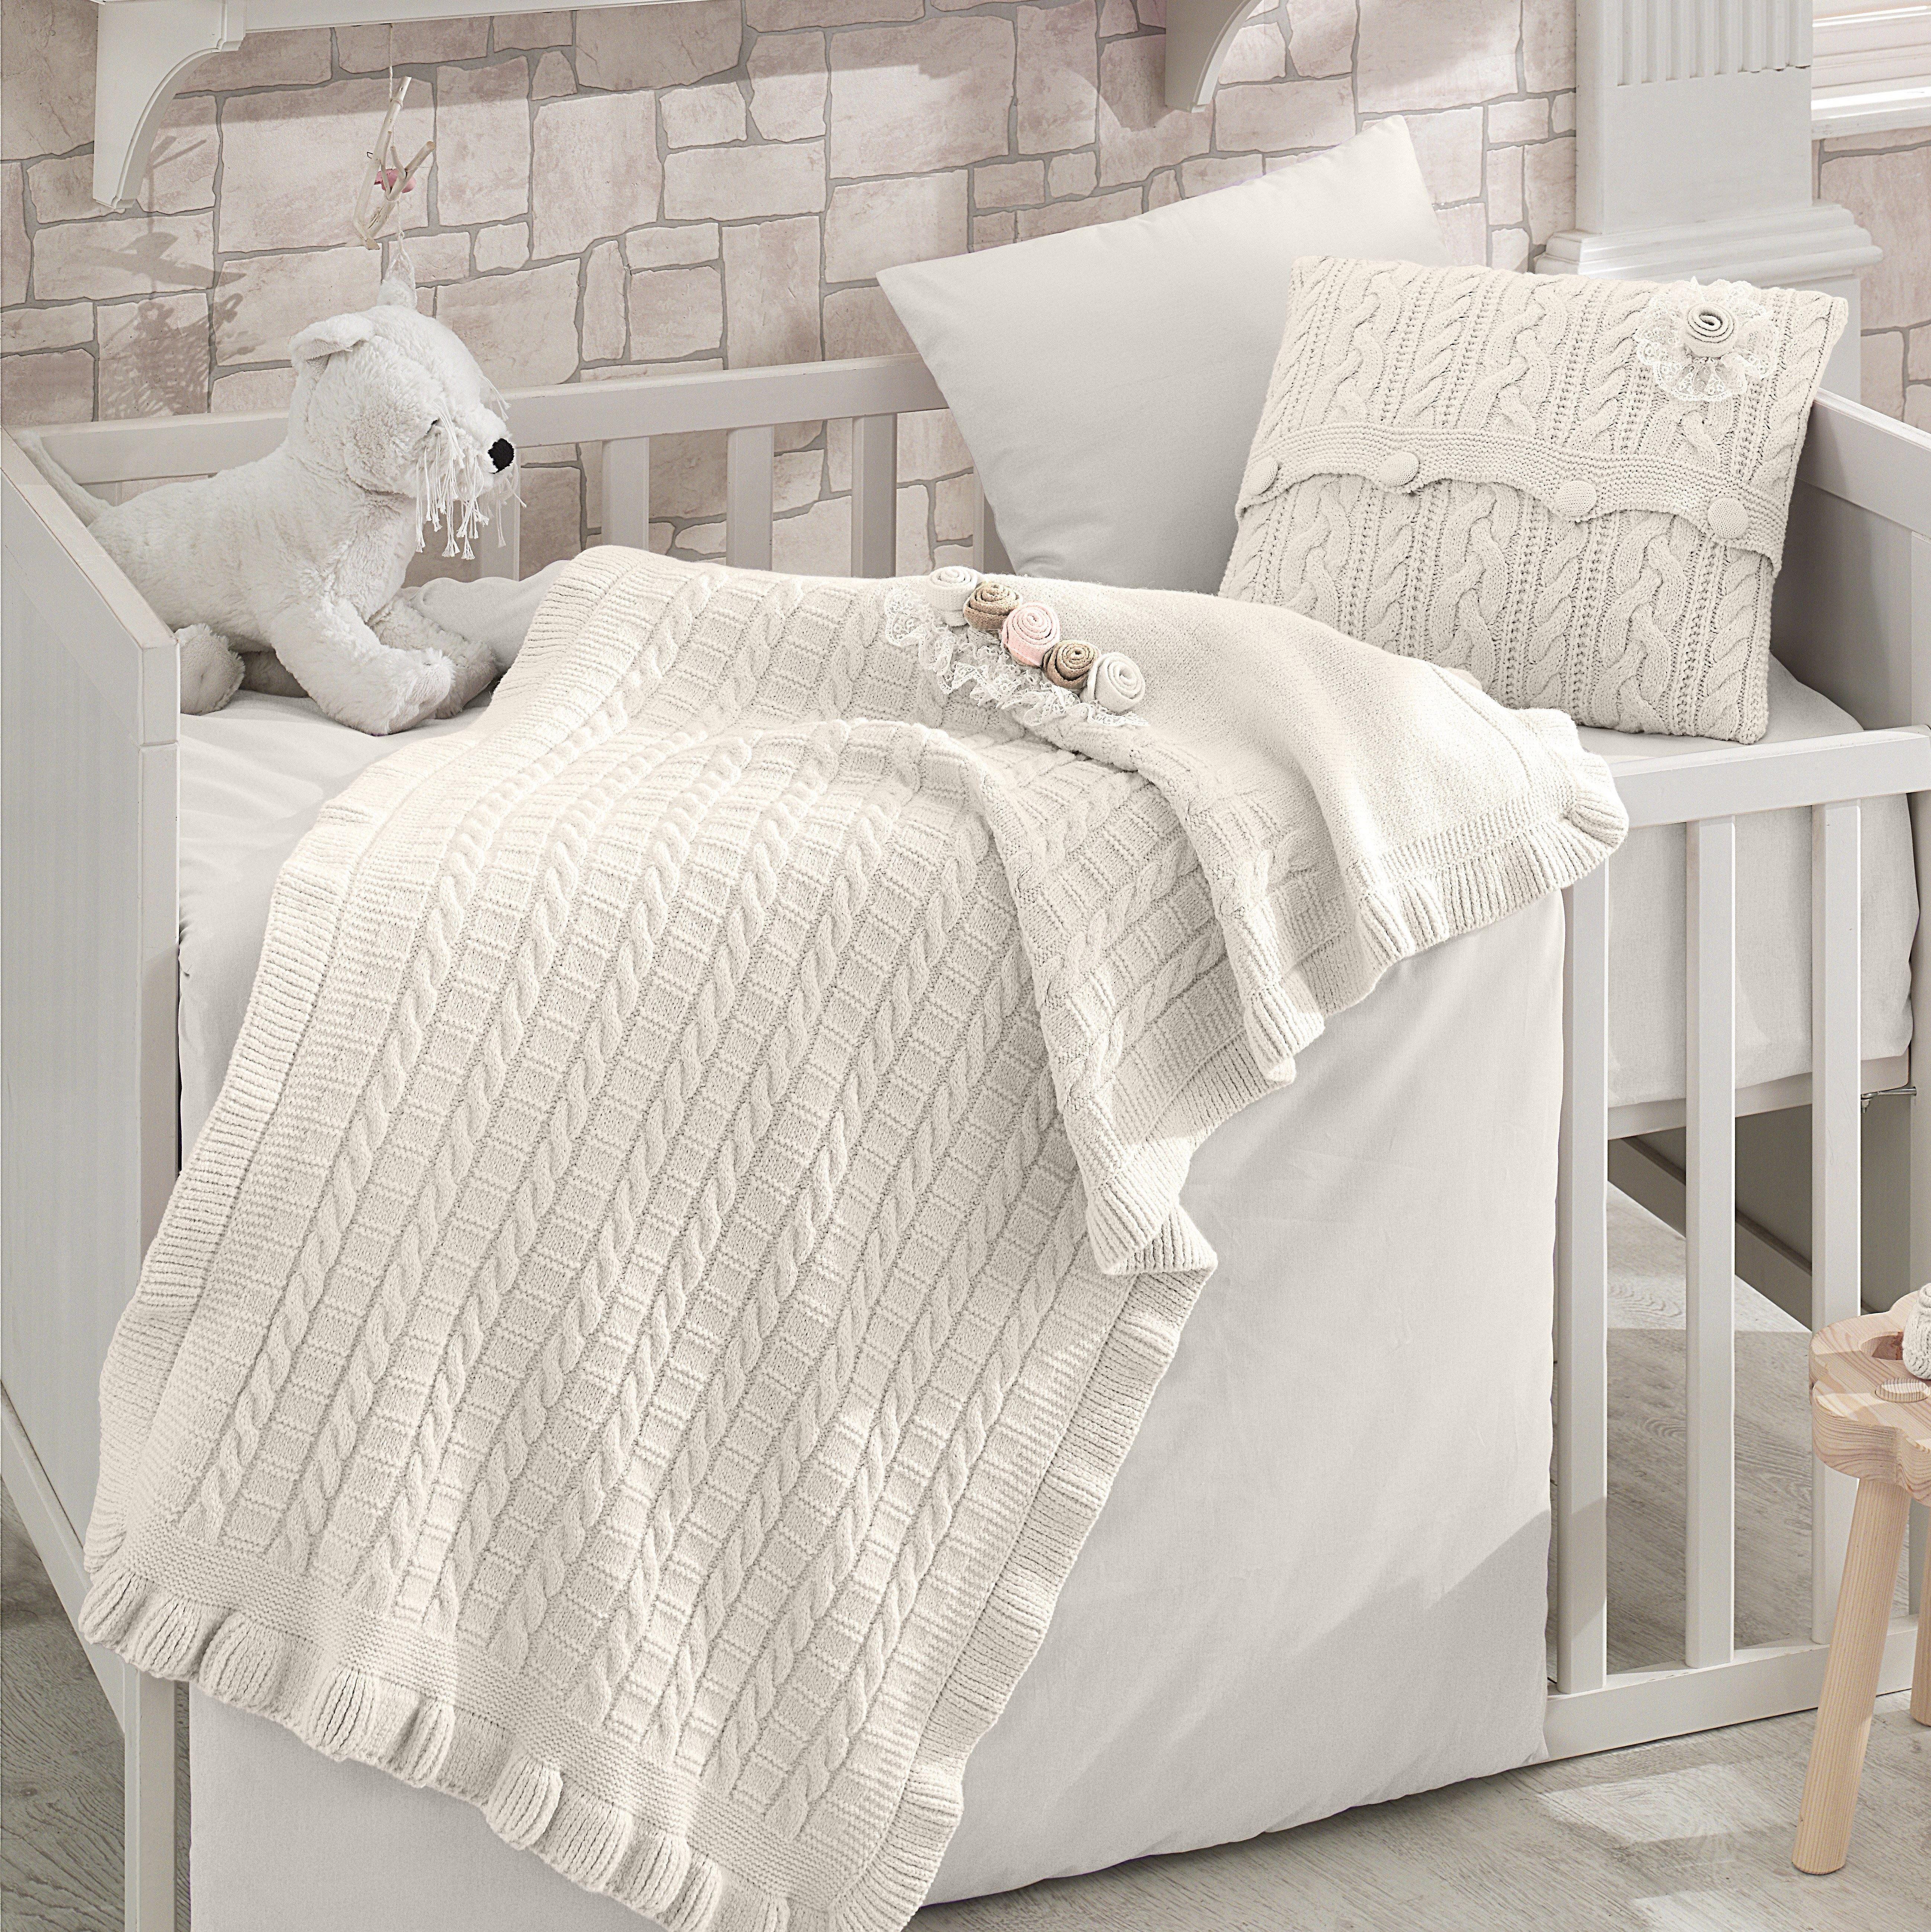 Greyleigh Olivera 6 Piece Crib Bedding